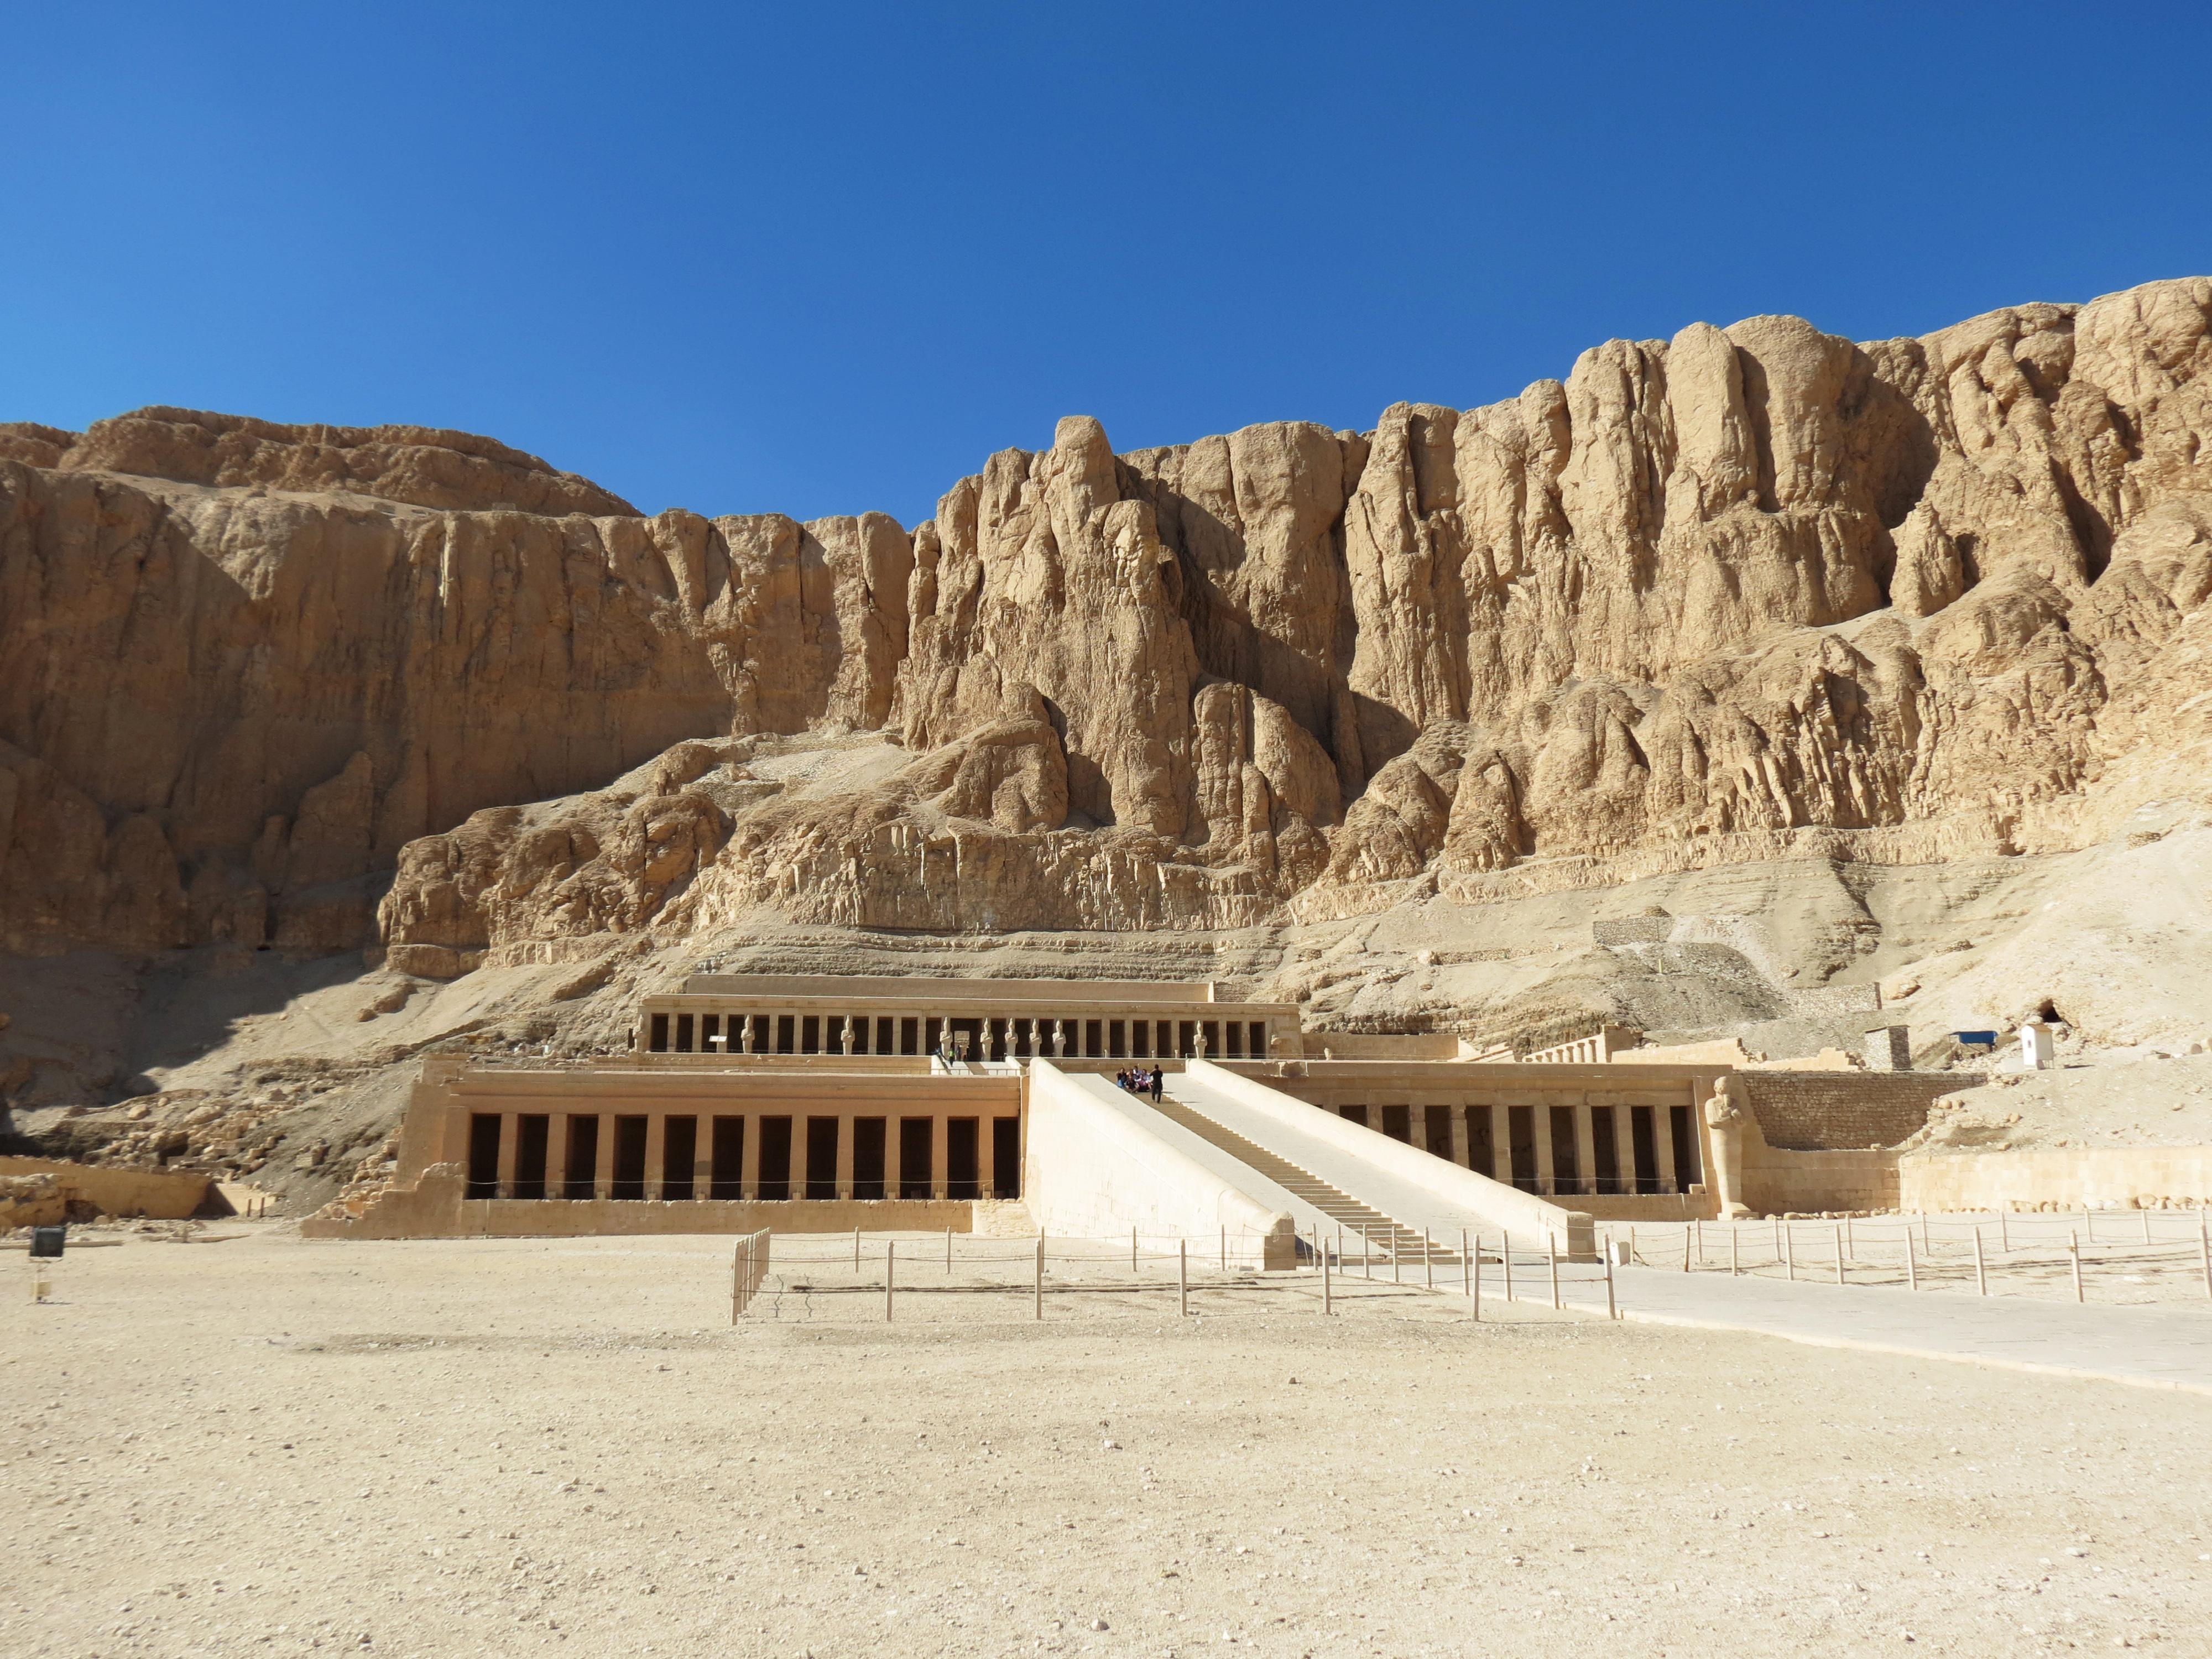 埃及景点景区图片-埃及风景名胜图片-埃及旅游照片